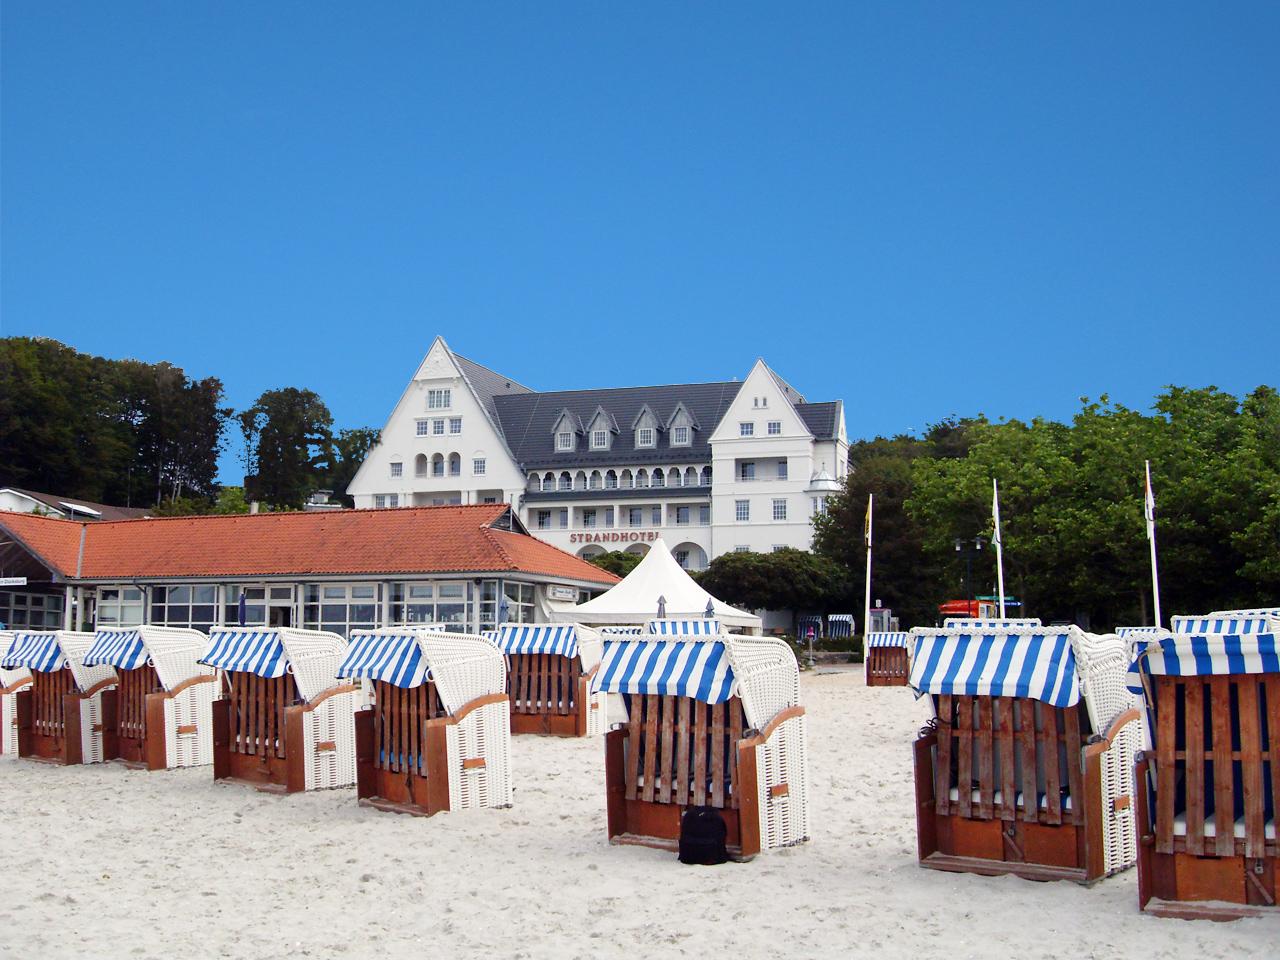 strand strandhotel gluecksburg ostsee reisetipps weltweit. Black Bedroom Furniture Sets. Home Design Ideas